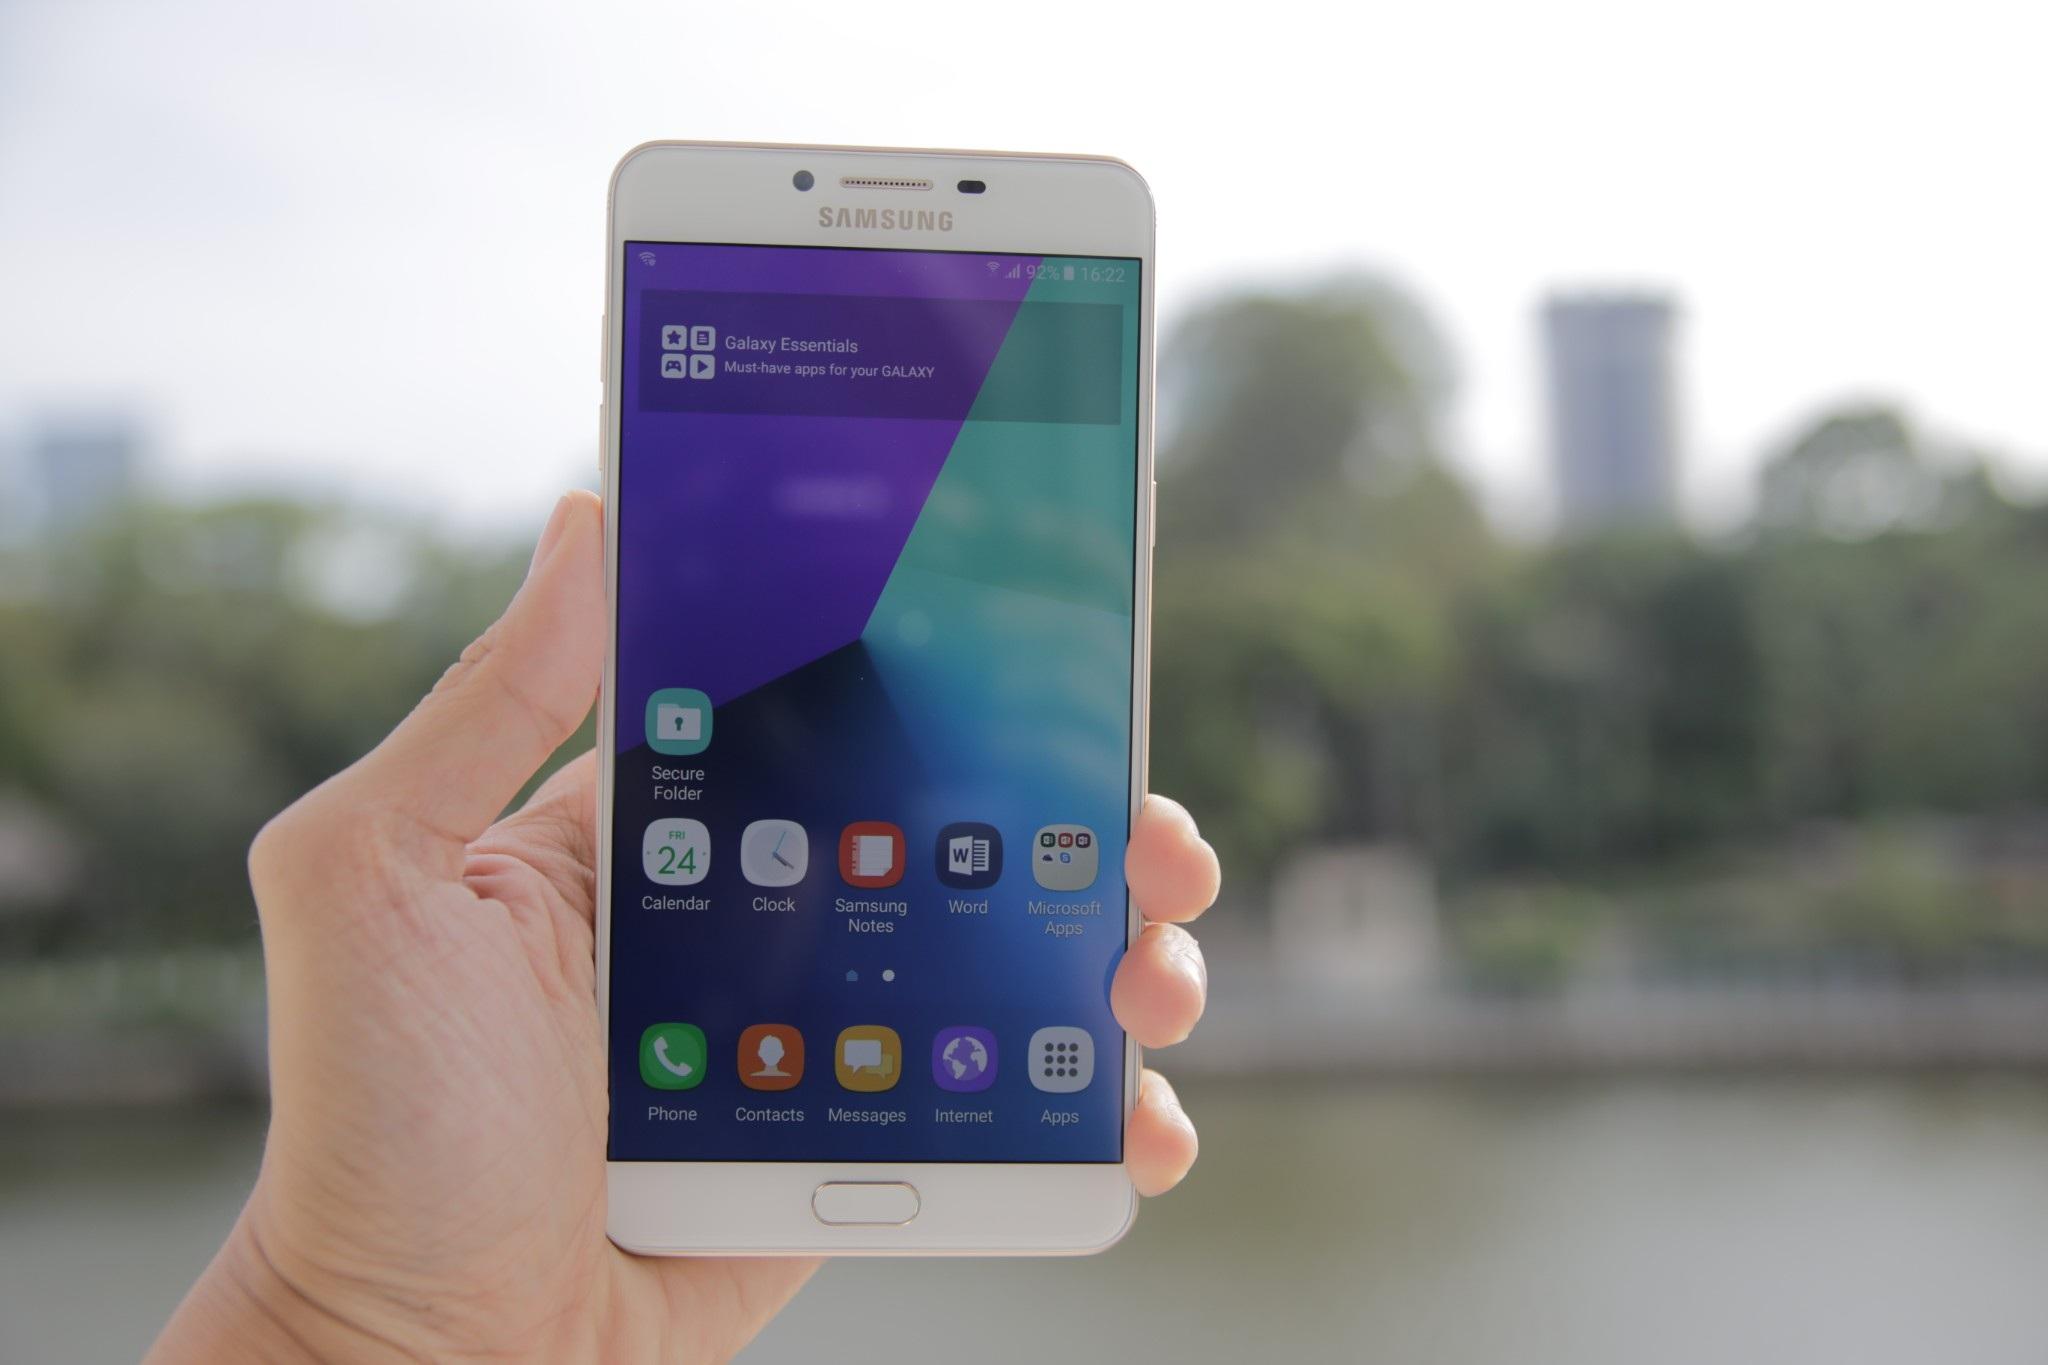 Điểm nhấn của Galaxy C9 Pro đó là cấu hình khủng cùng màn hình lớn. Trong đó, máy sở hữu RAM lên đến 6 GB, đây là dòng sản phẩm chính hãng đầu tiên của Samsung được trang bị dung lượng RAM lớn nhất thị trường hiện nay.